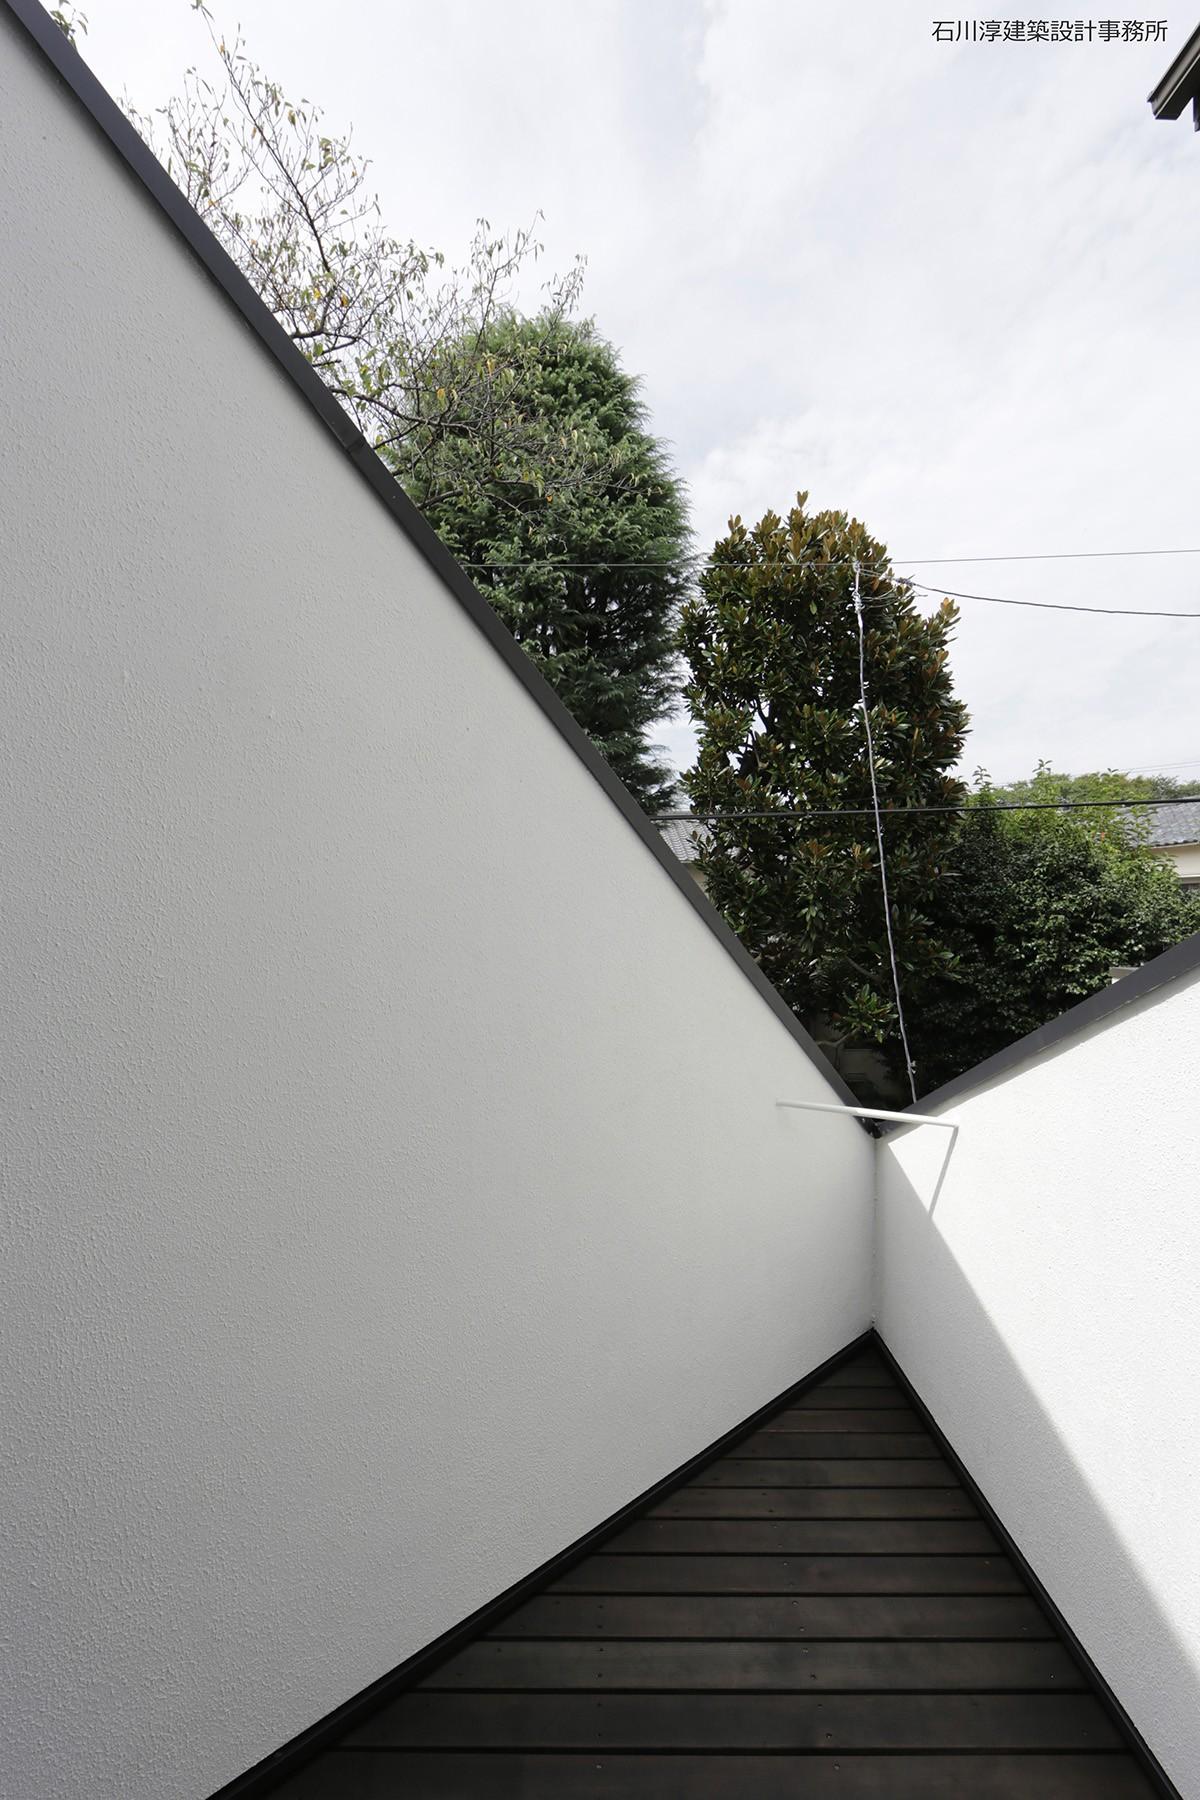 アウトドア事例:ベランダからの眺め(杉並 ちいさな仕事室のある家)